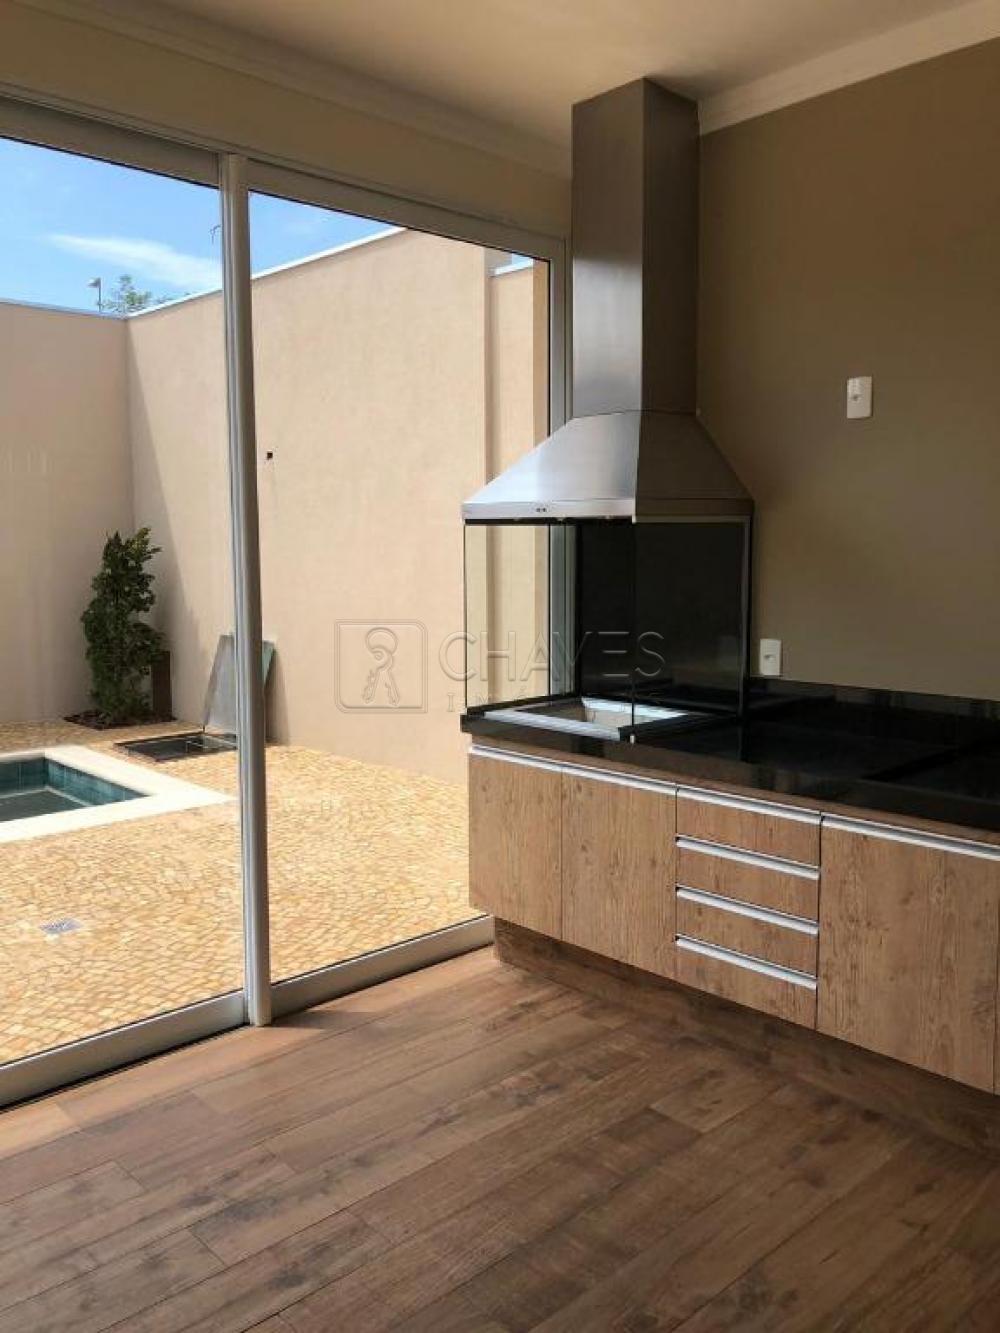 Comprar Casa / Condomínio em Ribeirão Preto apenas R$ 860.000,00 - Foto 9